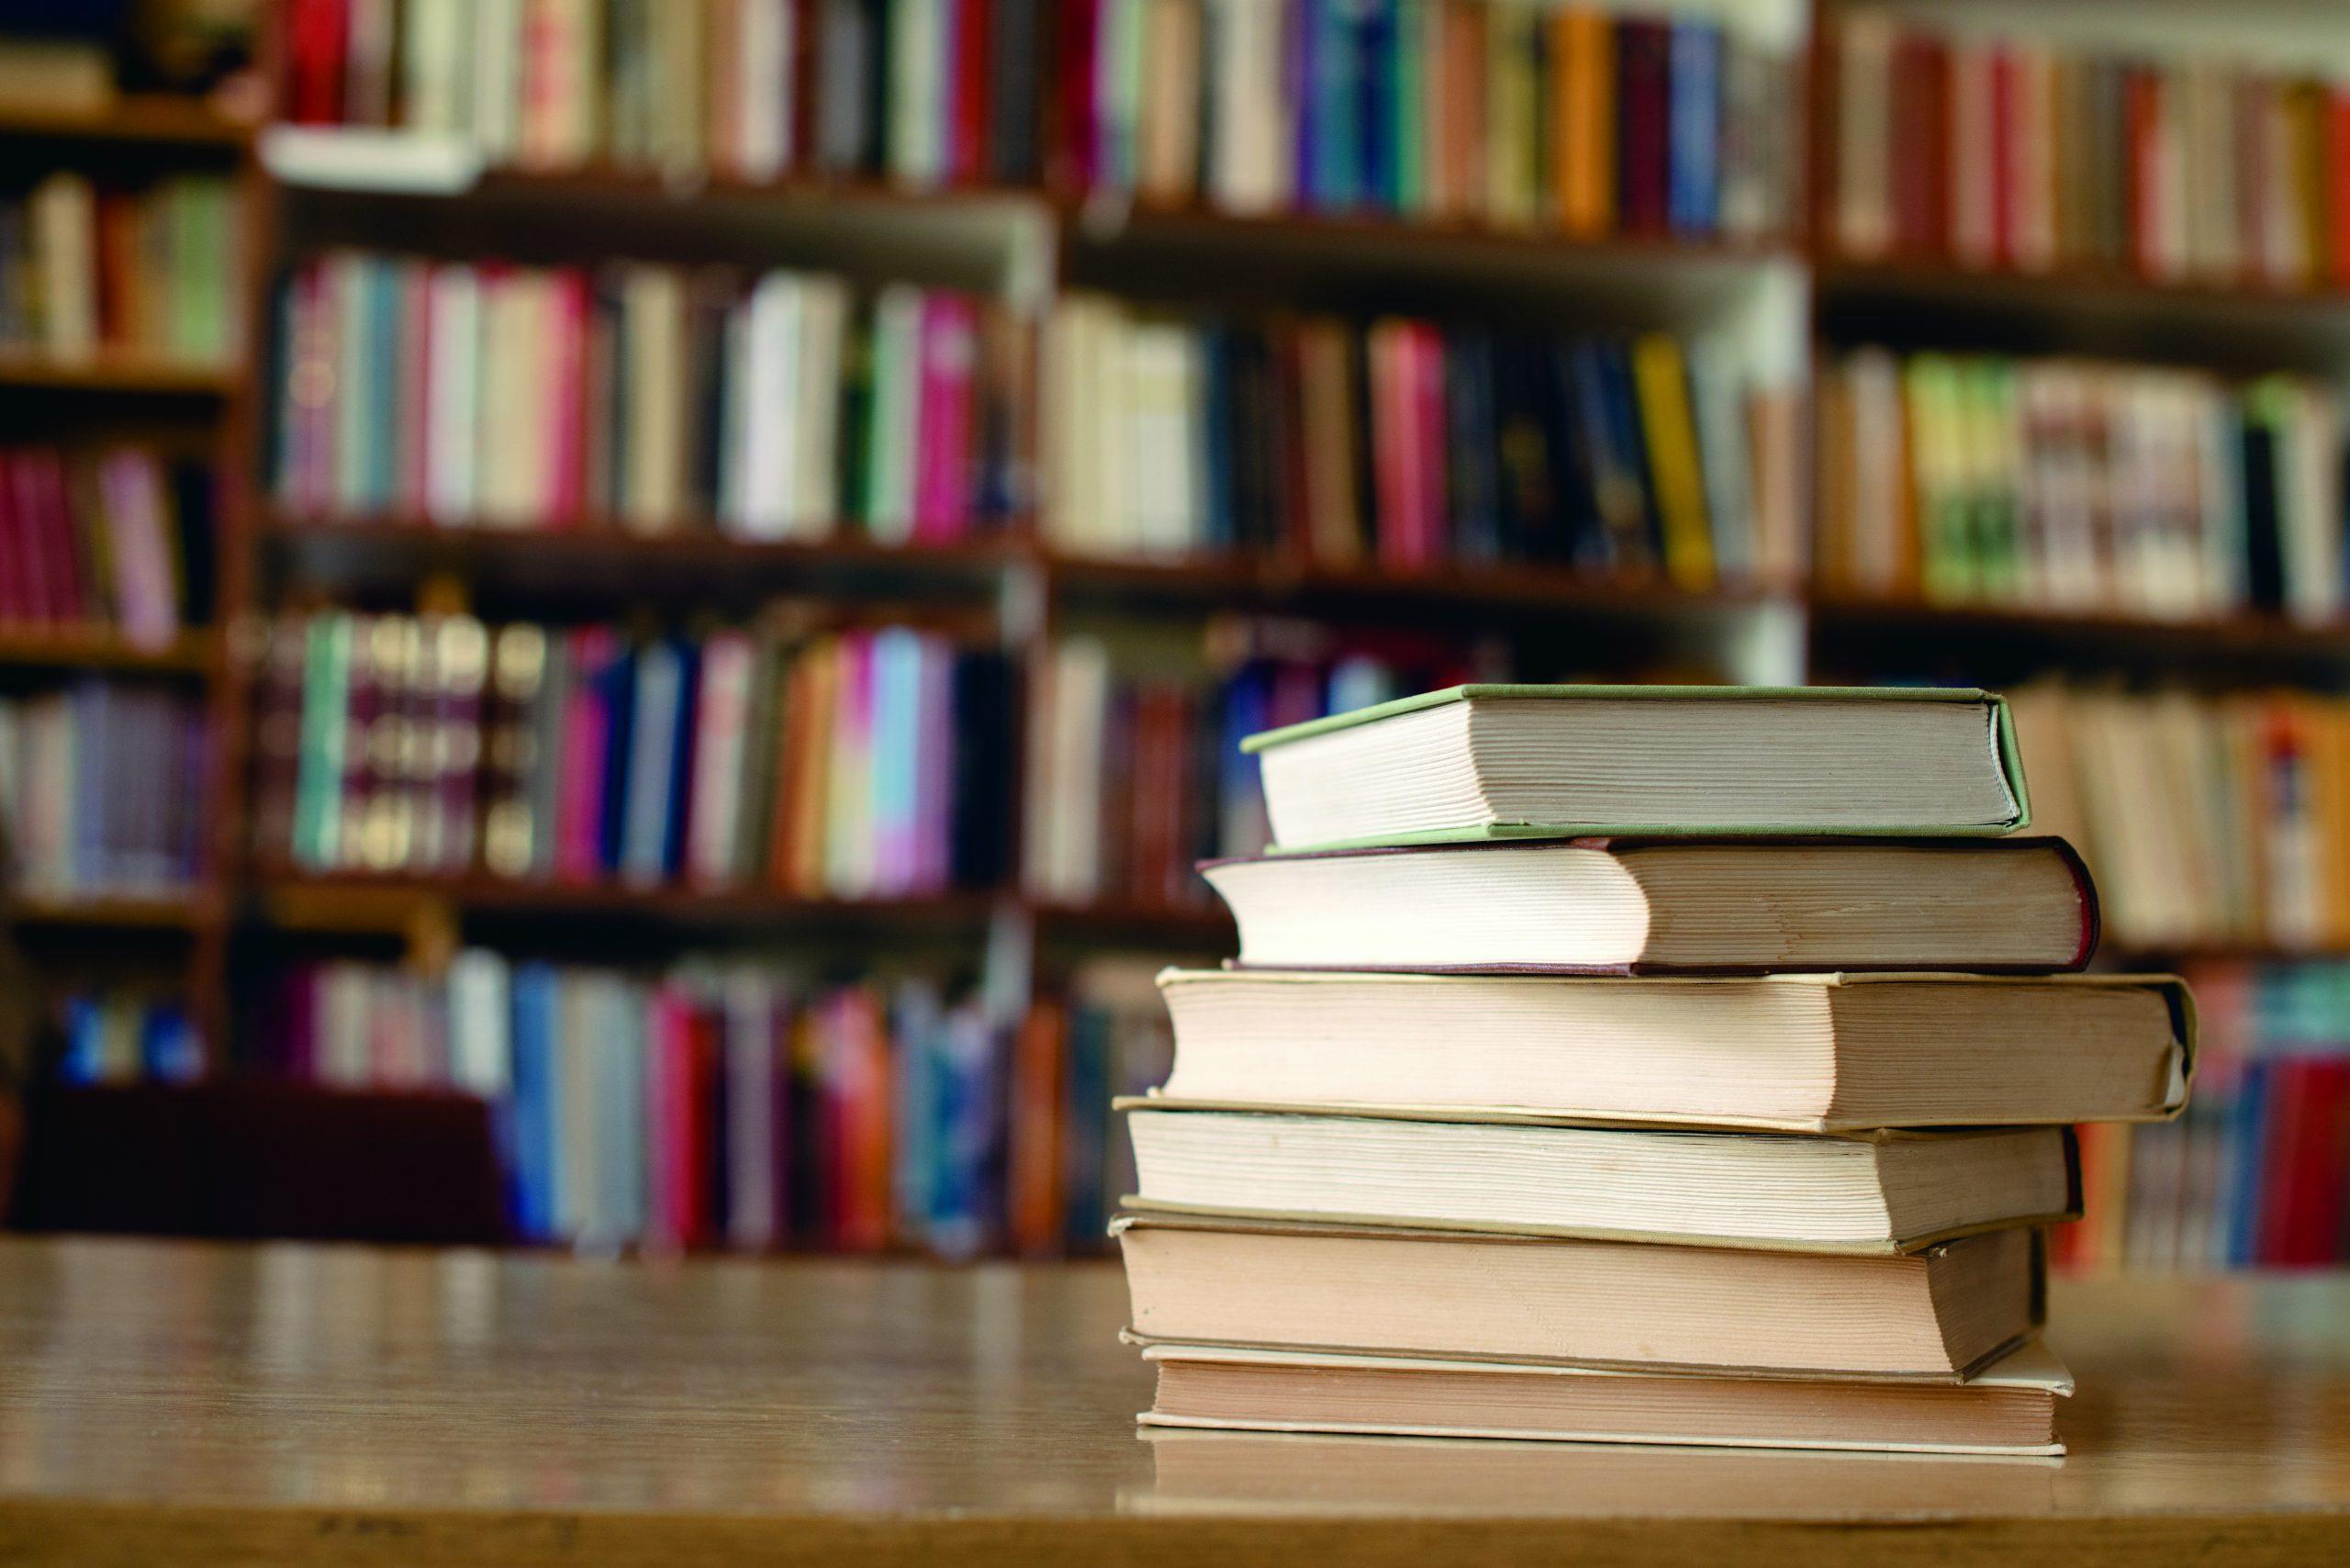 15 июля 2020 года присвоен гриф УМО по педагогическому образованию